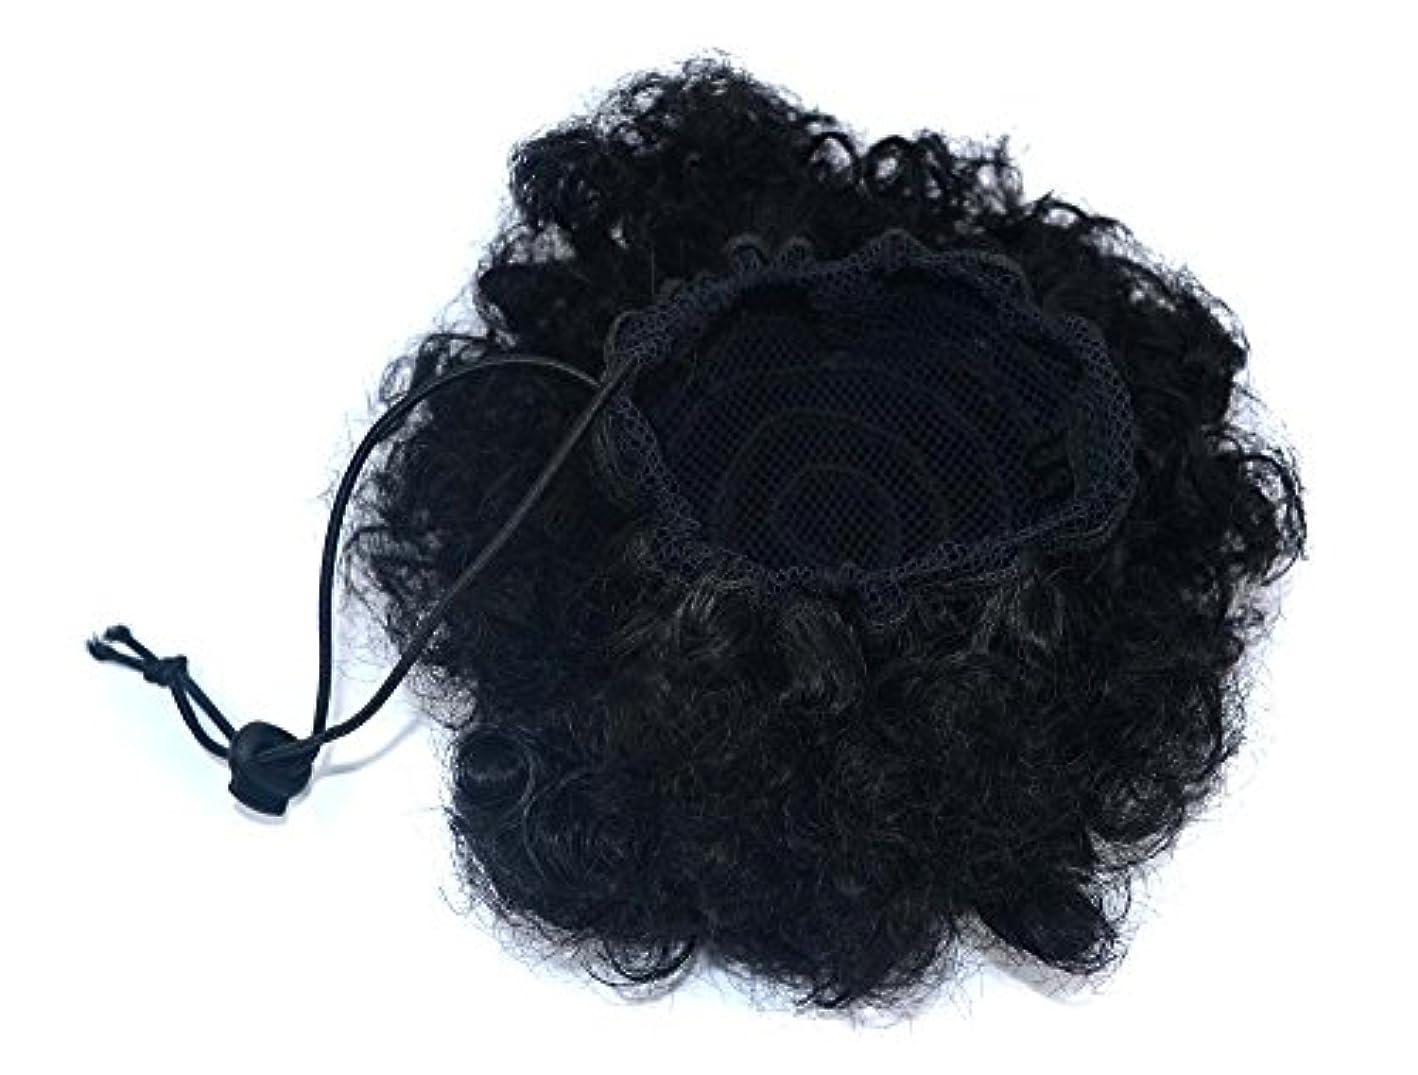 ペインティング境界副産物YOUQIU 女性おだんごヘア用サイズの選択ウィッグ?ピースのカーリーヘアウィッグキャタピラーの爆発的なヘッドふわふわおだんごヘアエクステンション (色 : Black(s))